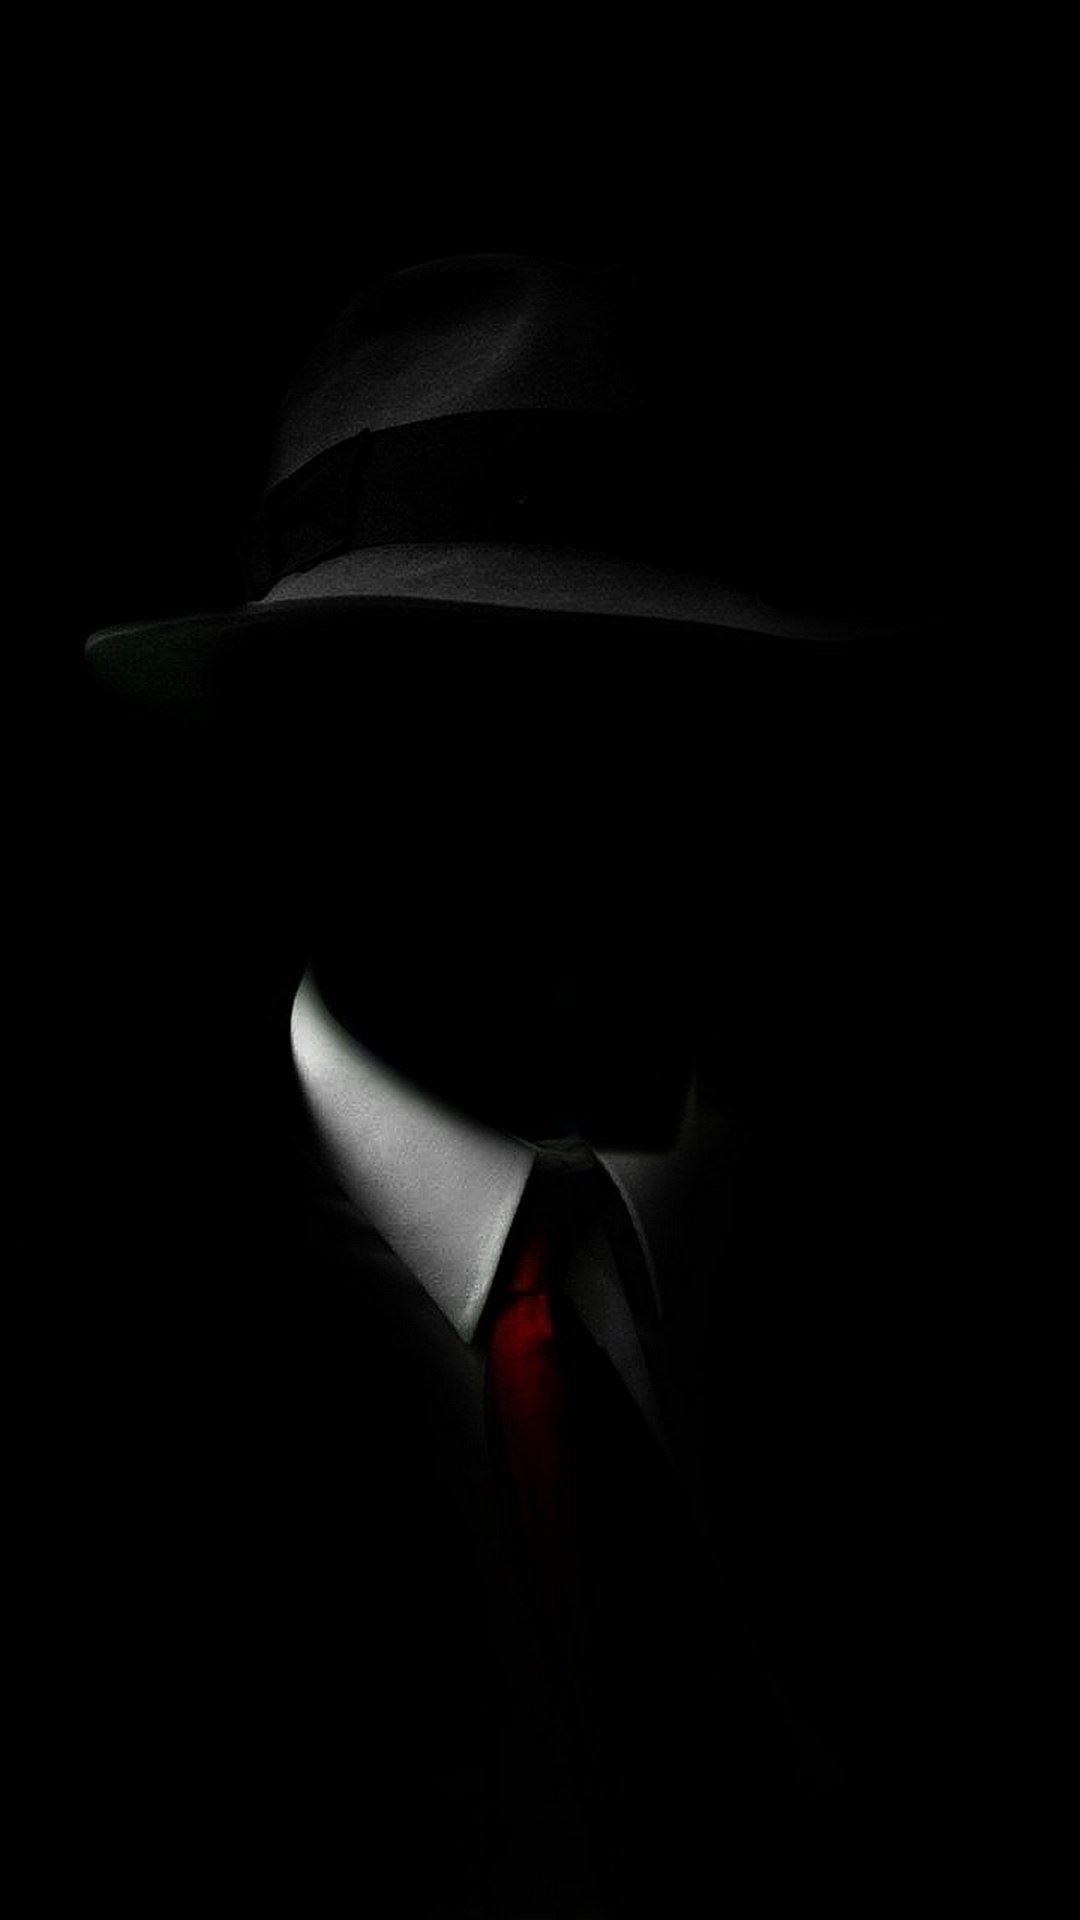 Black Suit Hat Red Tie iPhone 6 Wallpaper Download iPhone Wallpapers 1080x1920